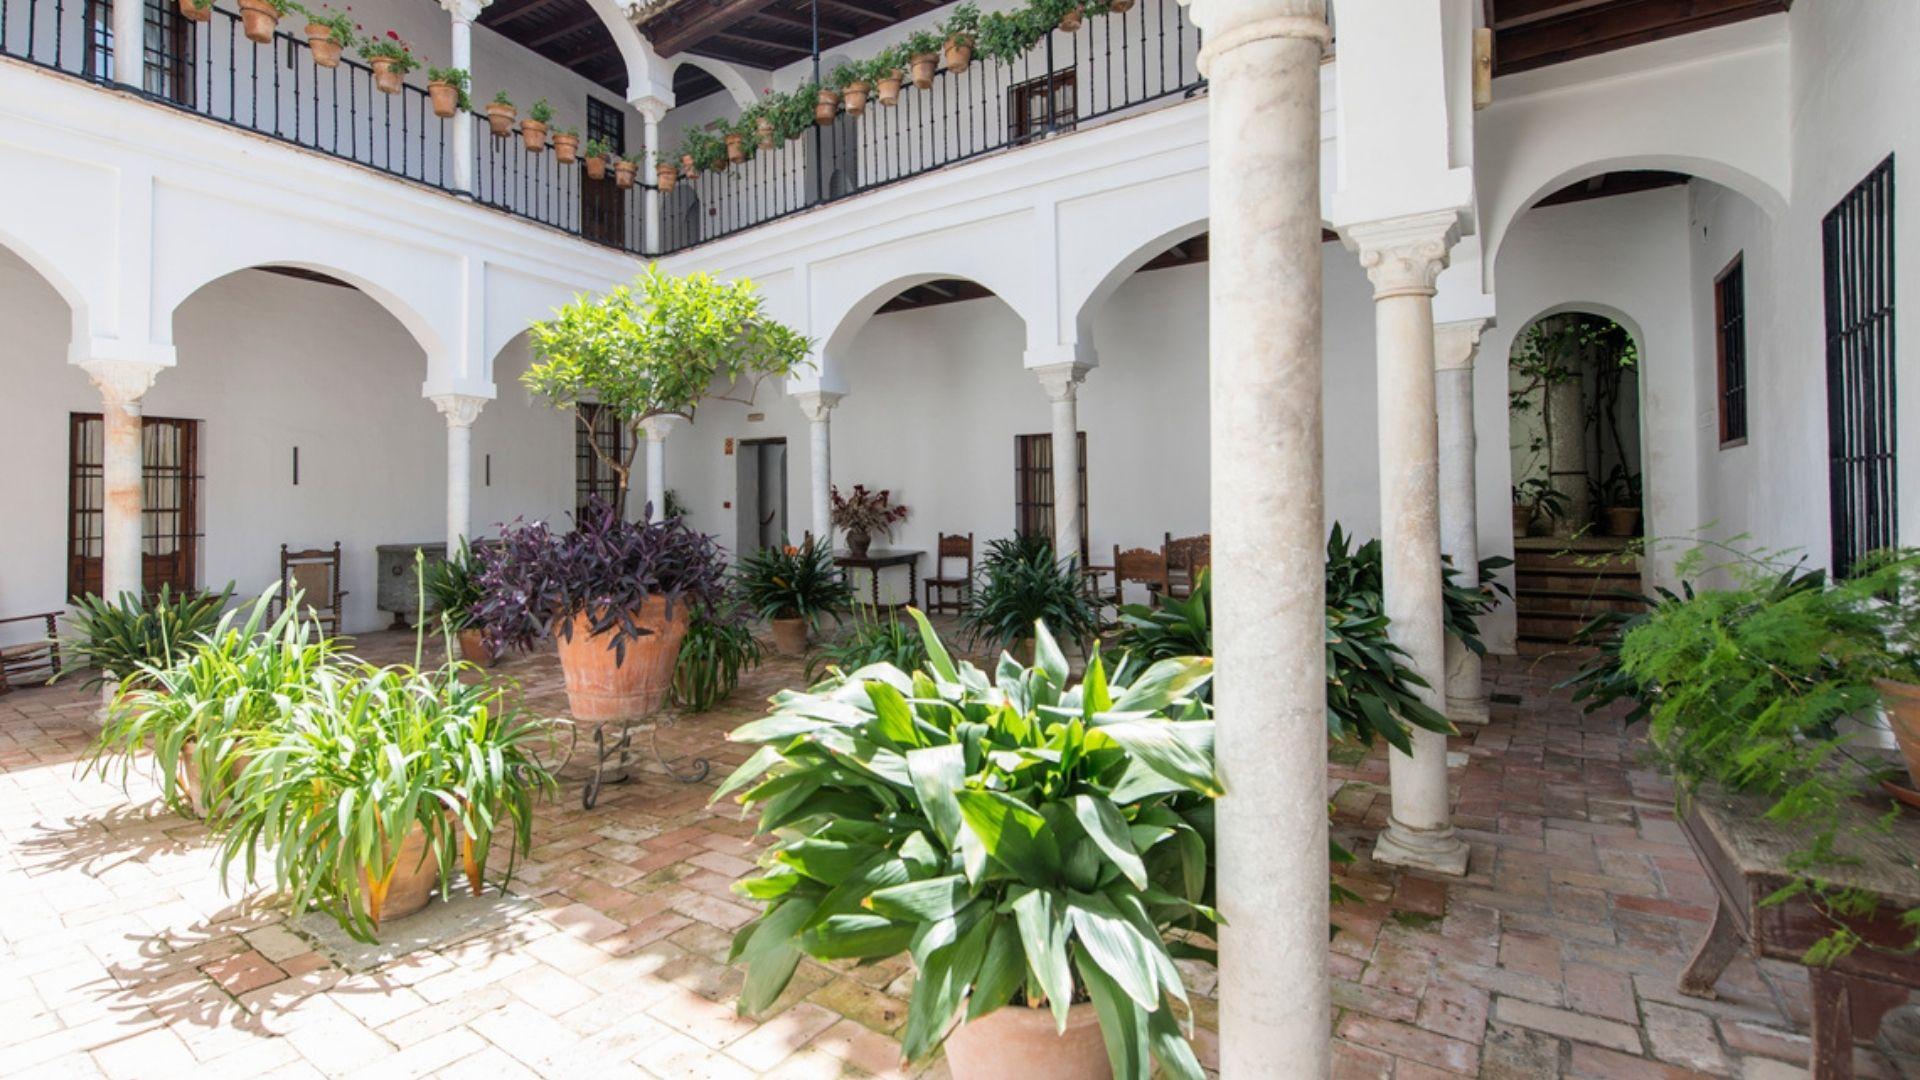 Hotel Las Casas de la Judería Seville - Courtyard